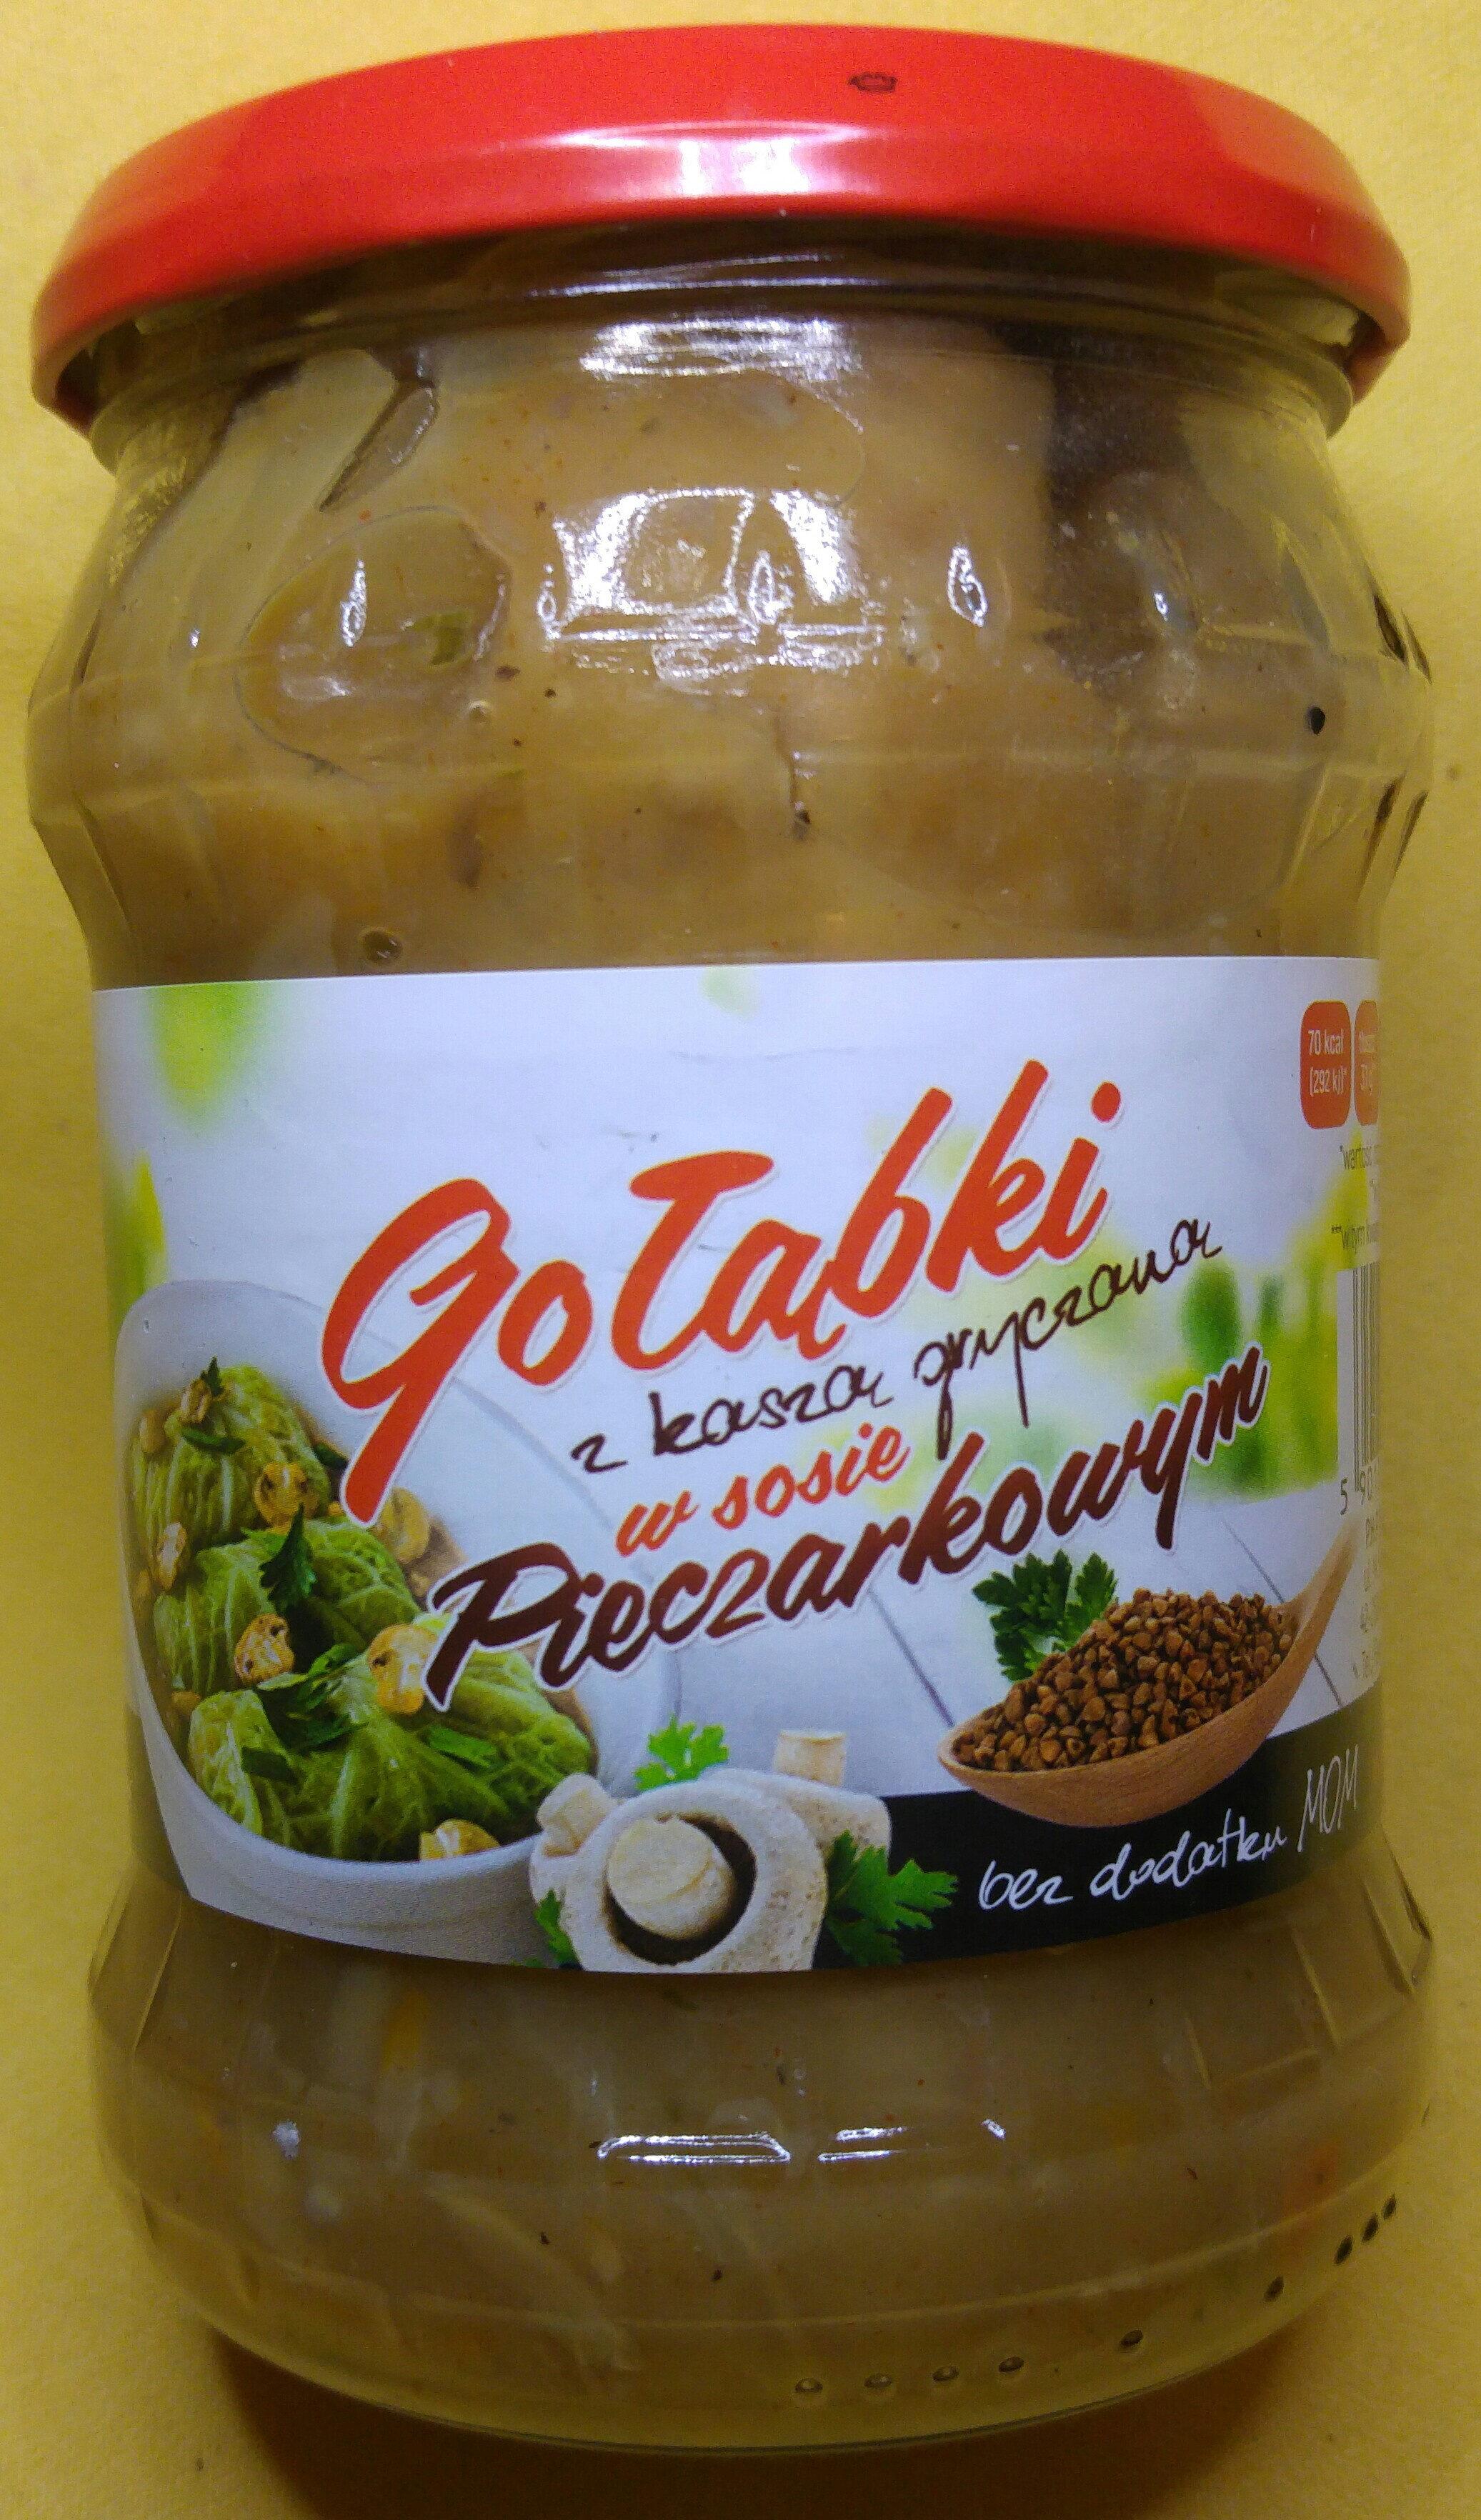 Gołąbki z kaszą gryczaną w sosie pieczarkowym. - Produkt - pl